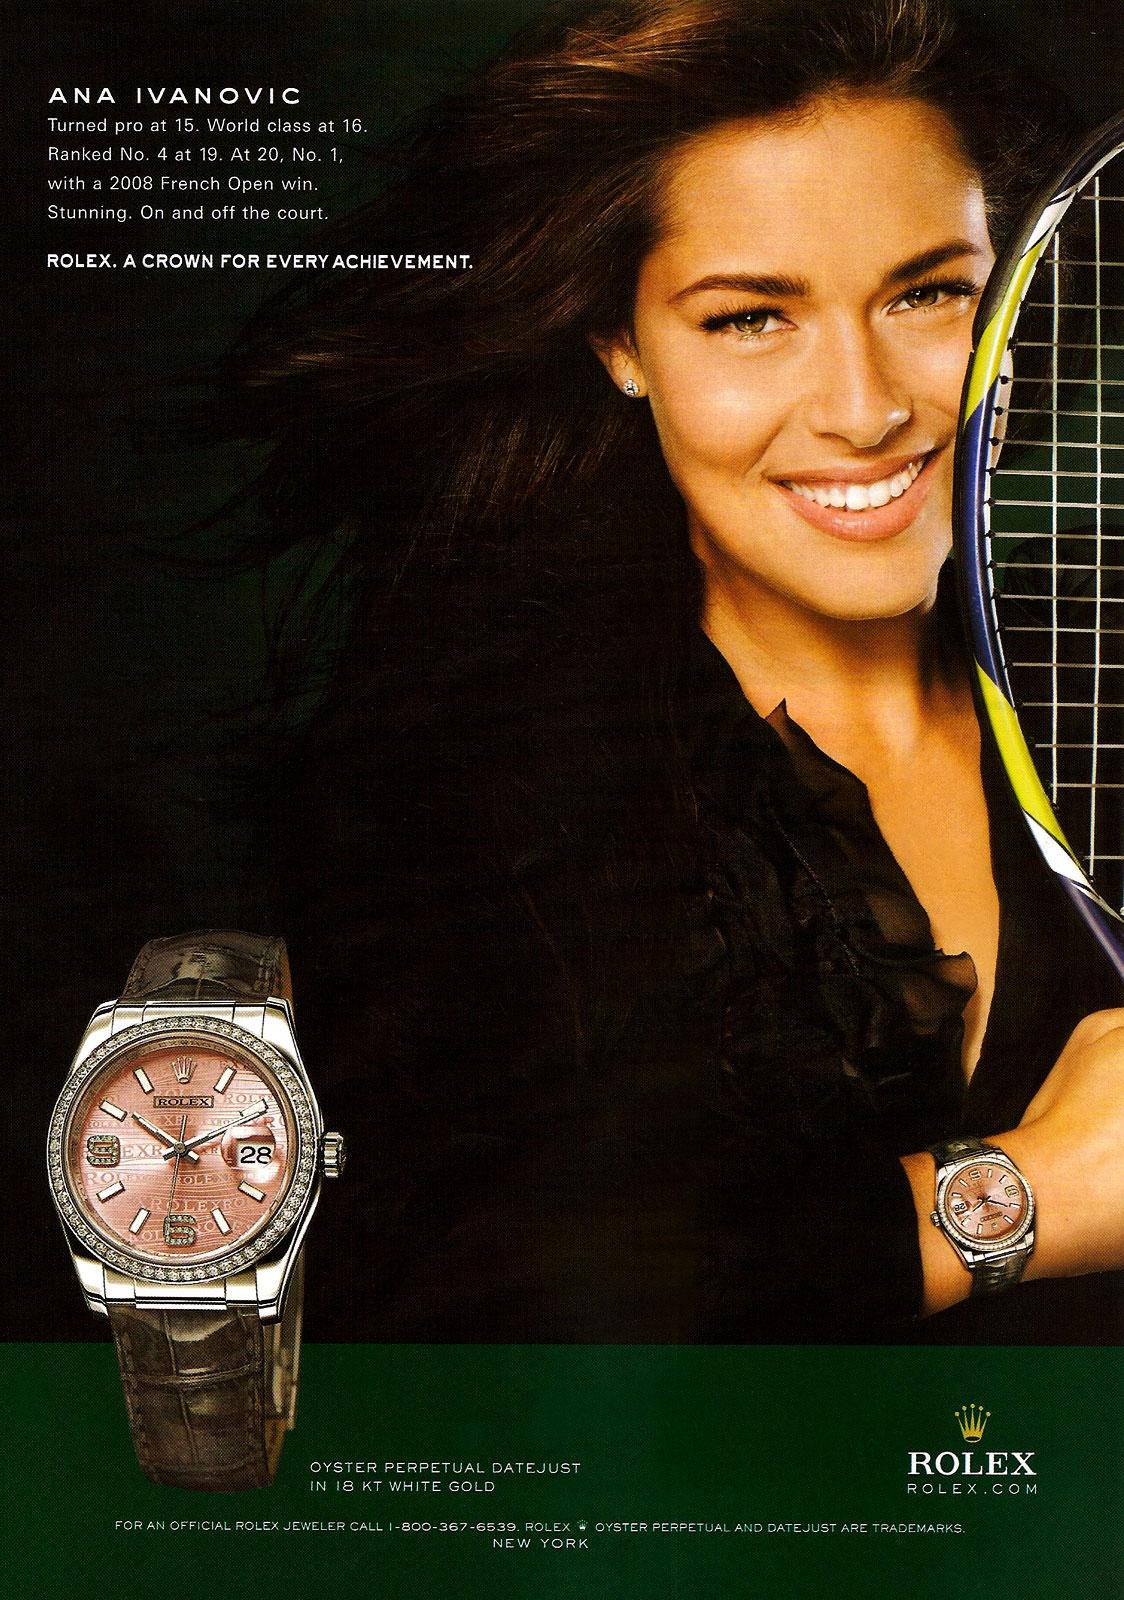 Actu : Frédérique Constant choisit Miss Monde 2010 pour ambassadrice Ana-Ivanovic-Rolex